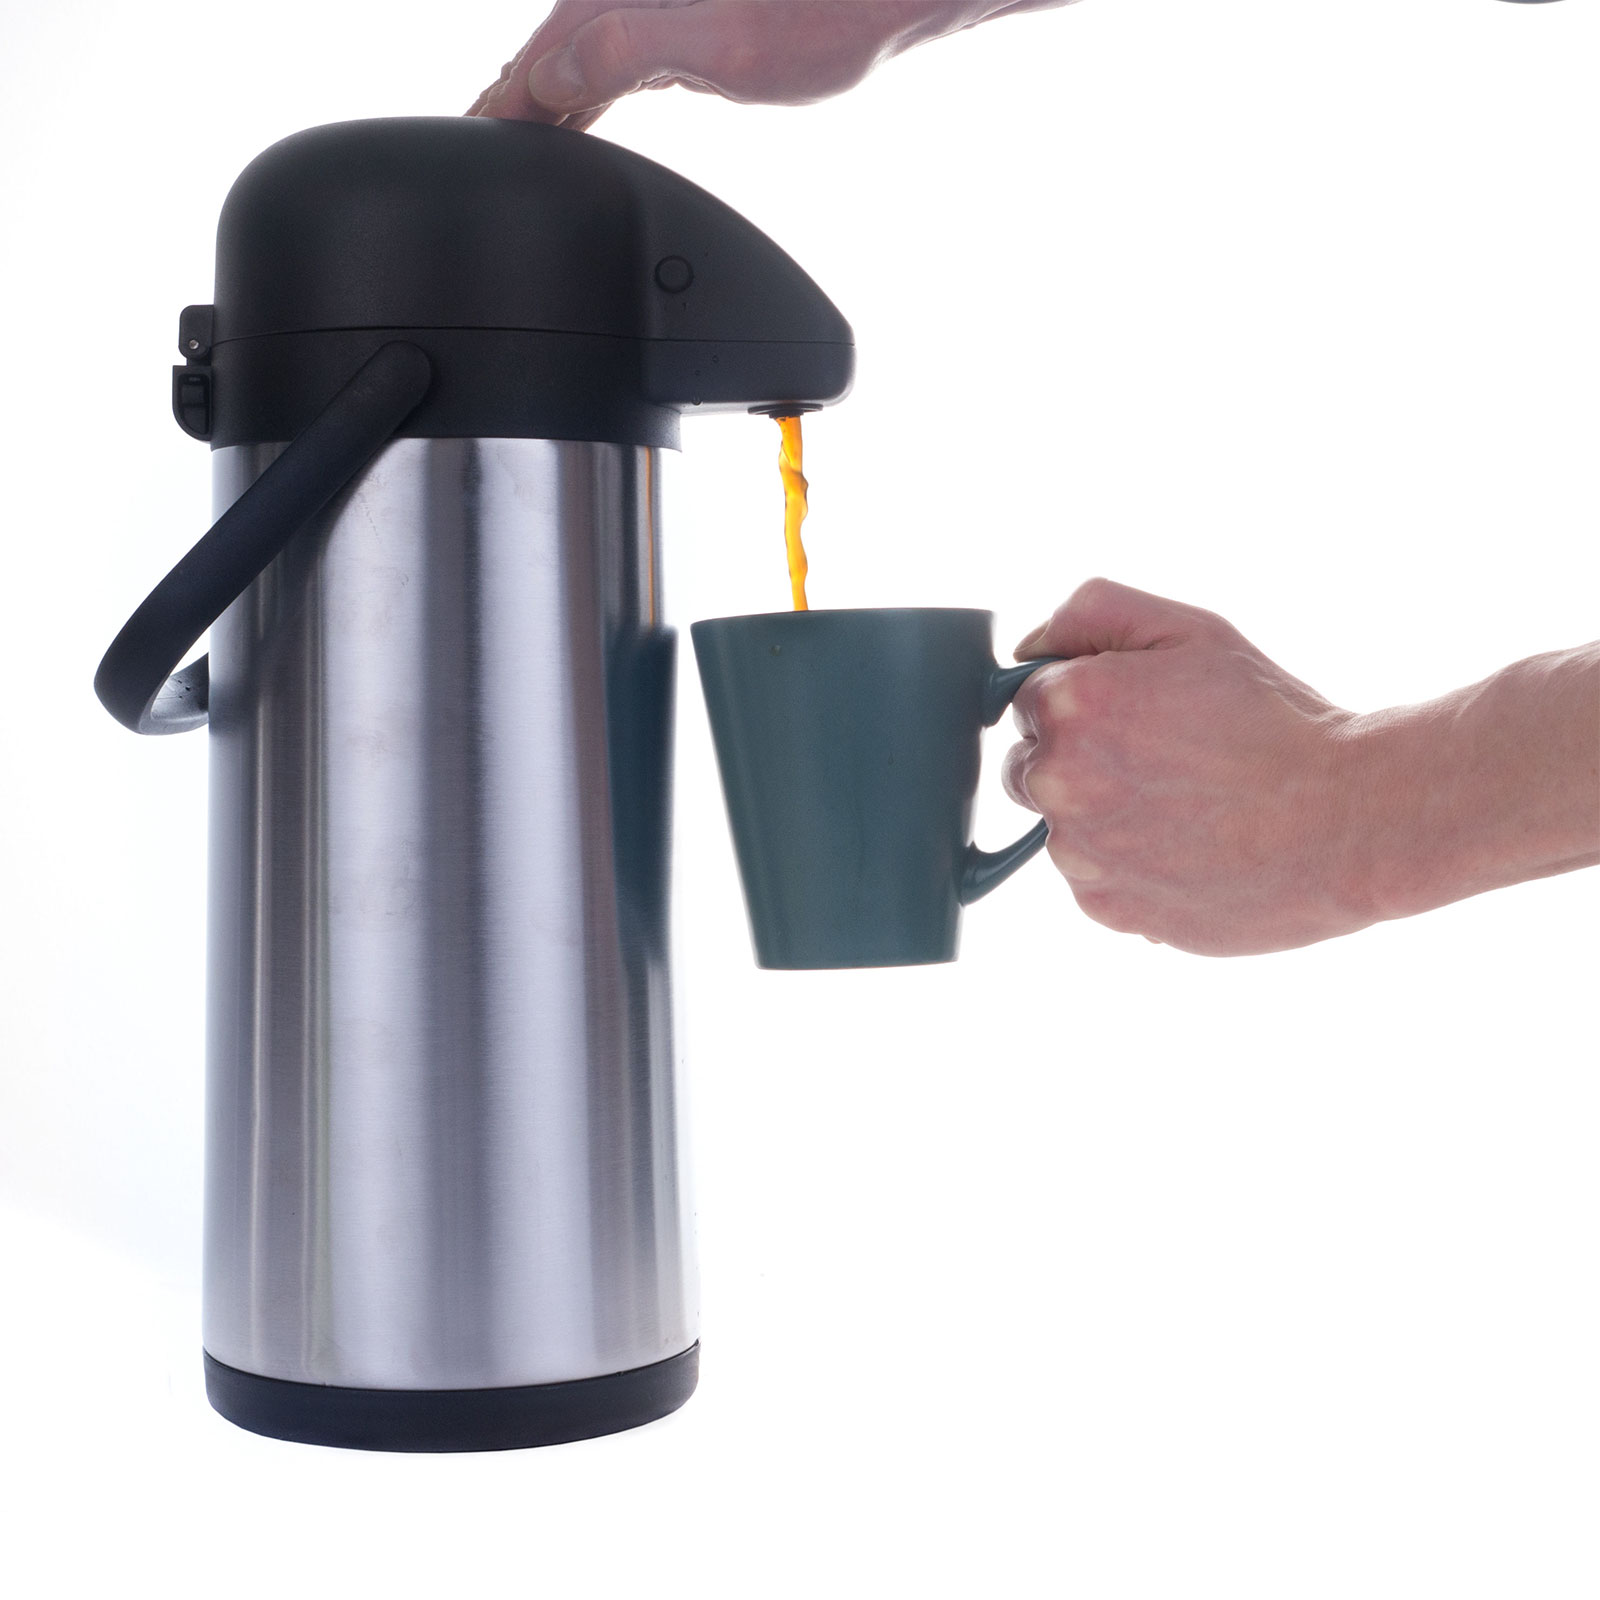 Kaffee Pumpkanne Airpot Kaffeekanne Thermospumpkanne Thermoskanne Isolierkanne